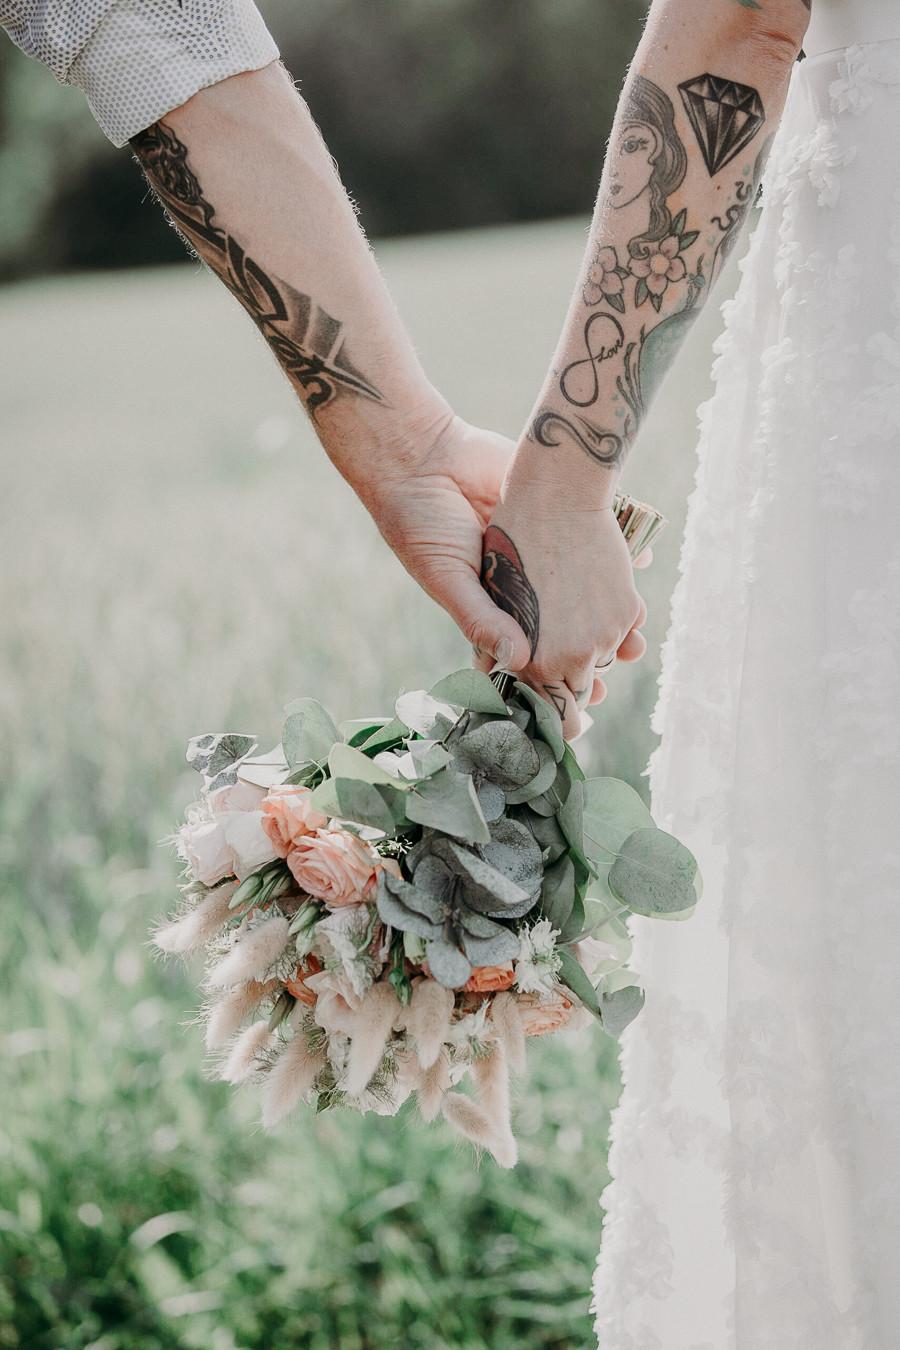 Bilden visar händerna på ett brudpar som håller i en bröllopsbukett